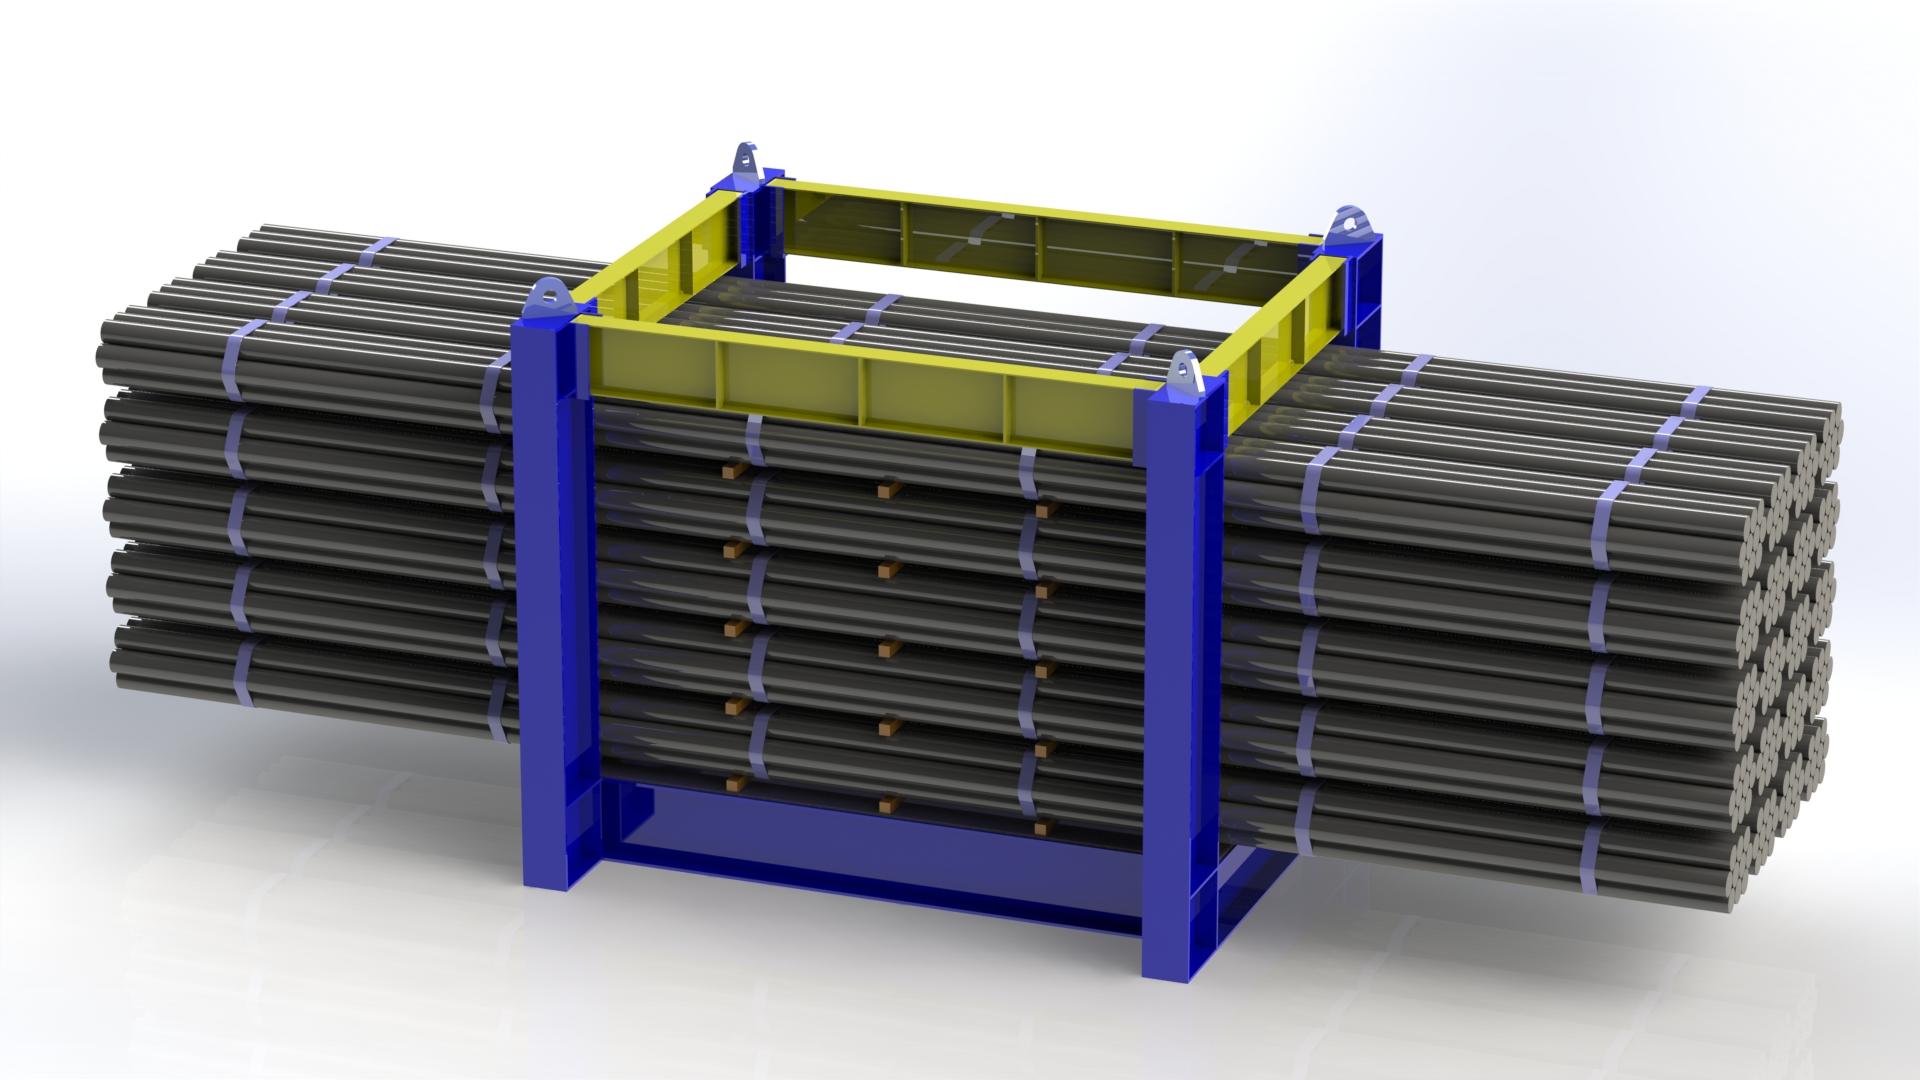 Projetos FP: Dispositivo de teste de ponte rolante